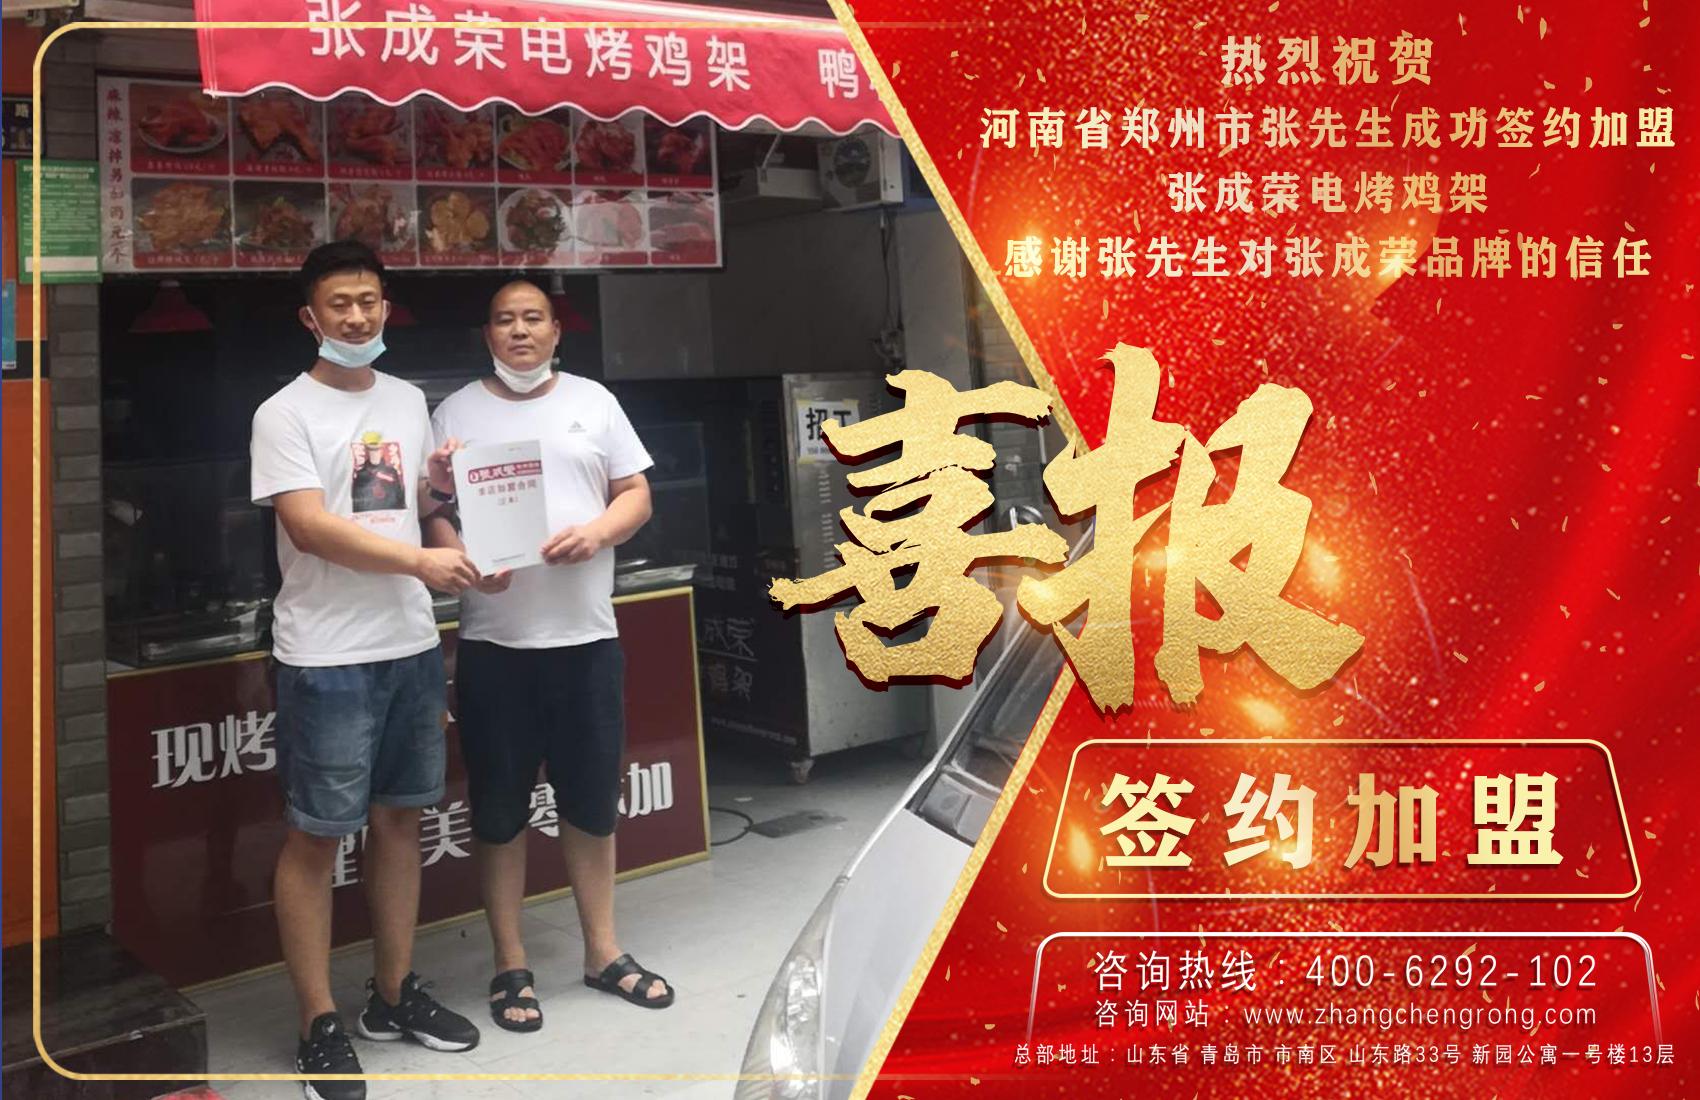 热烈祝贺郑州张先生成功加盟张成荣电烤鸡架项目!